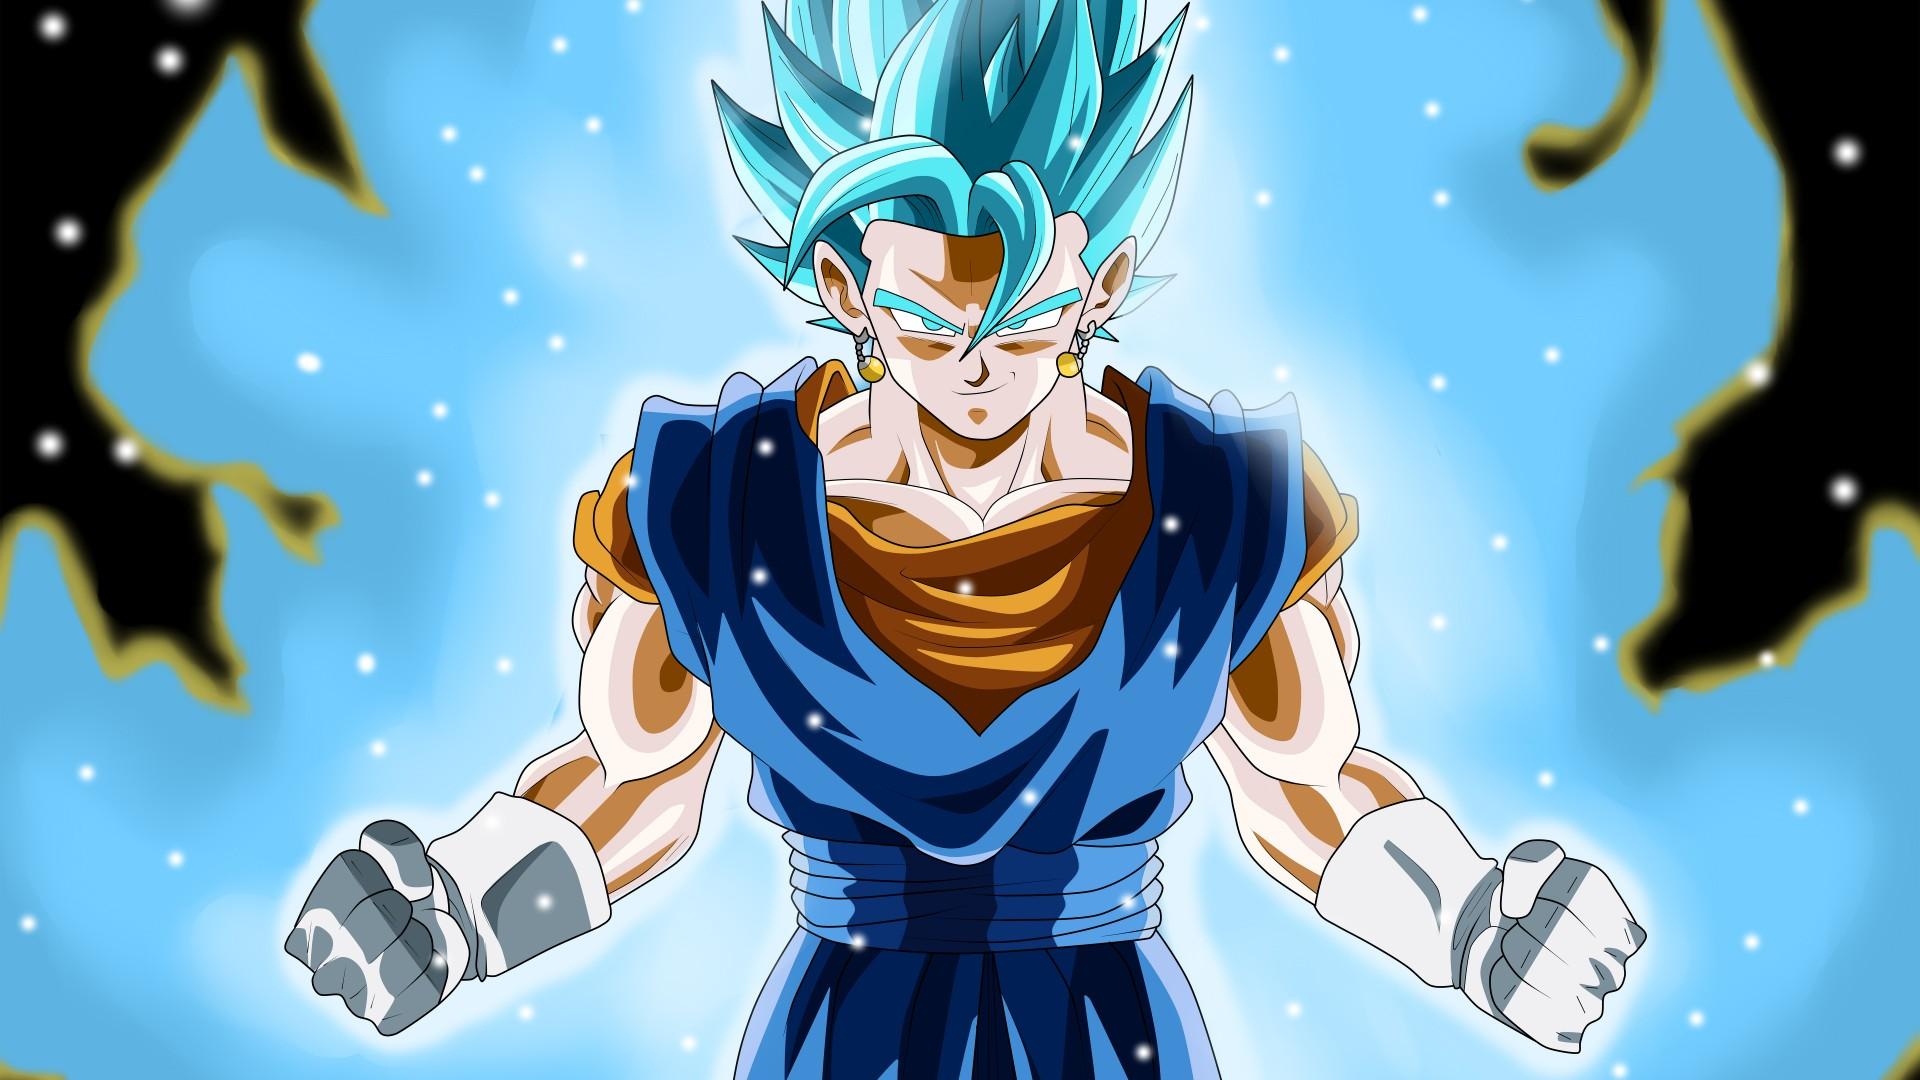 Hình nền Dragon Ball rất đẹp tóc xanh blue